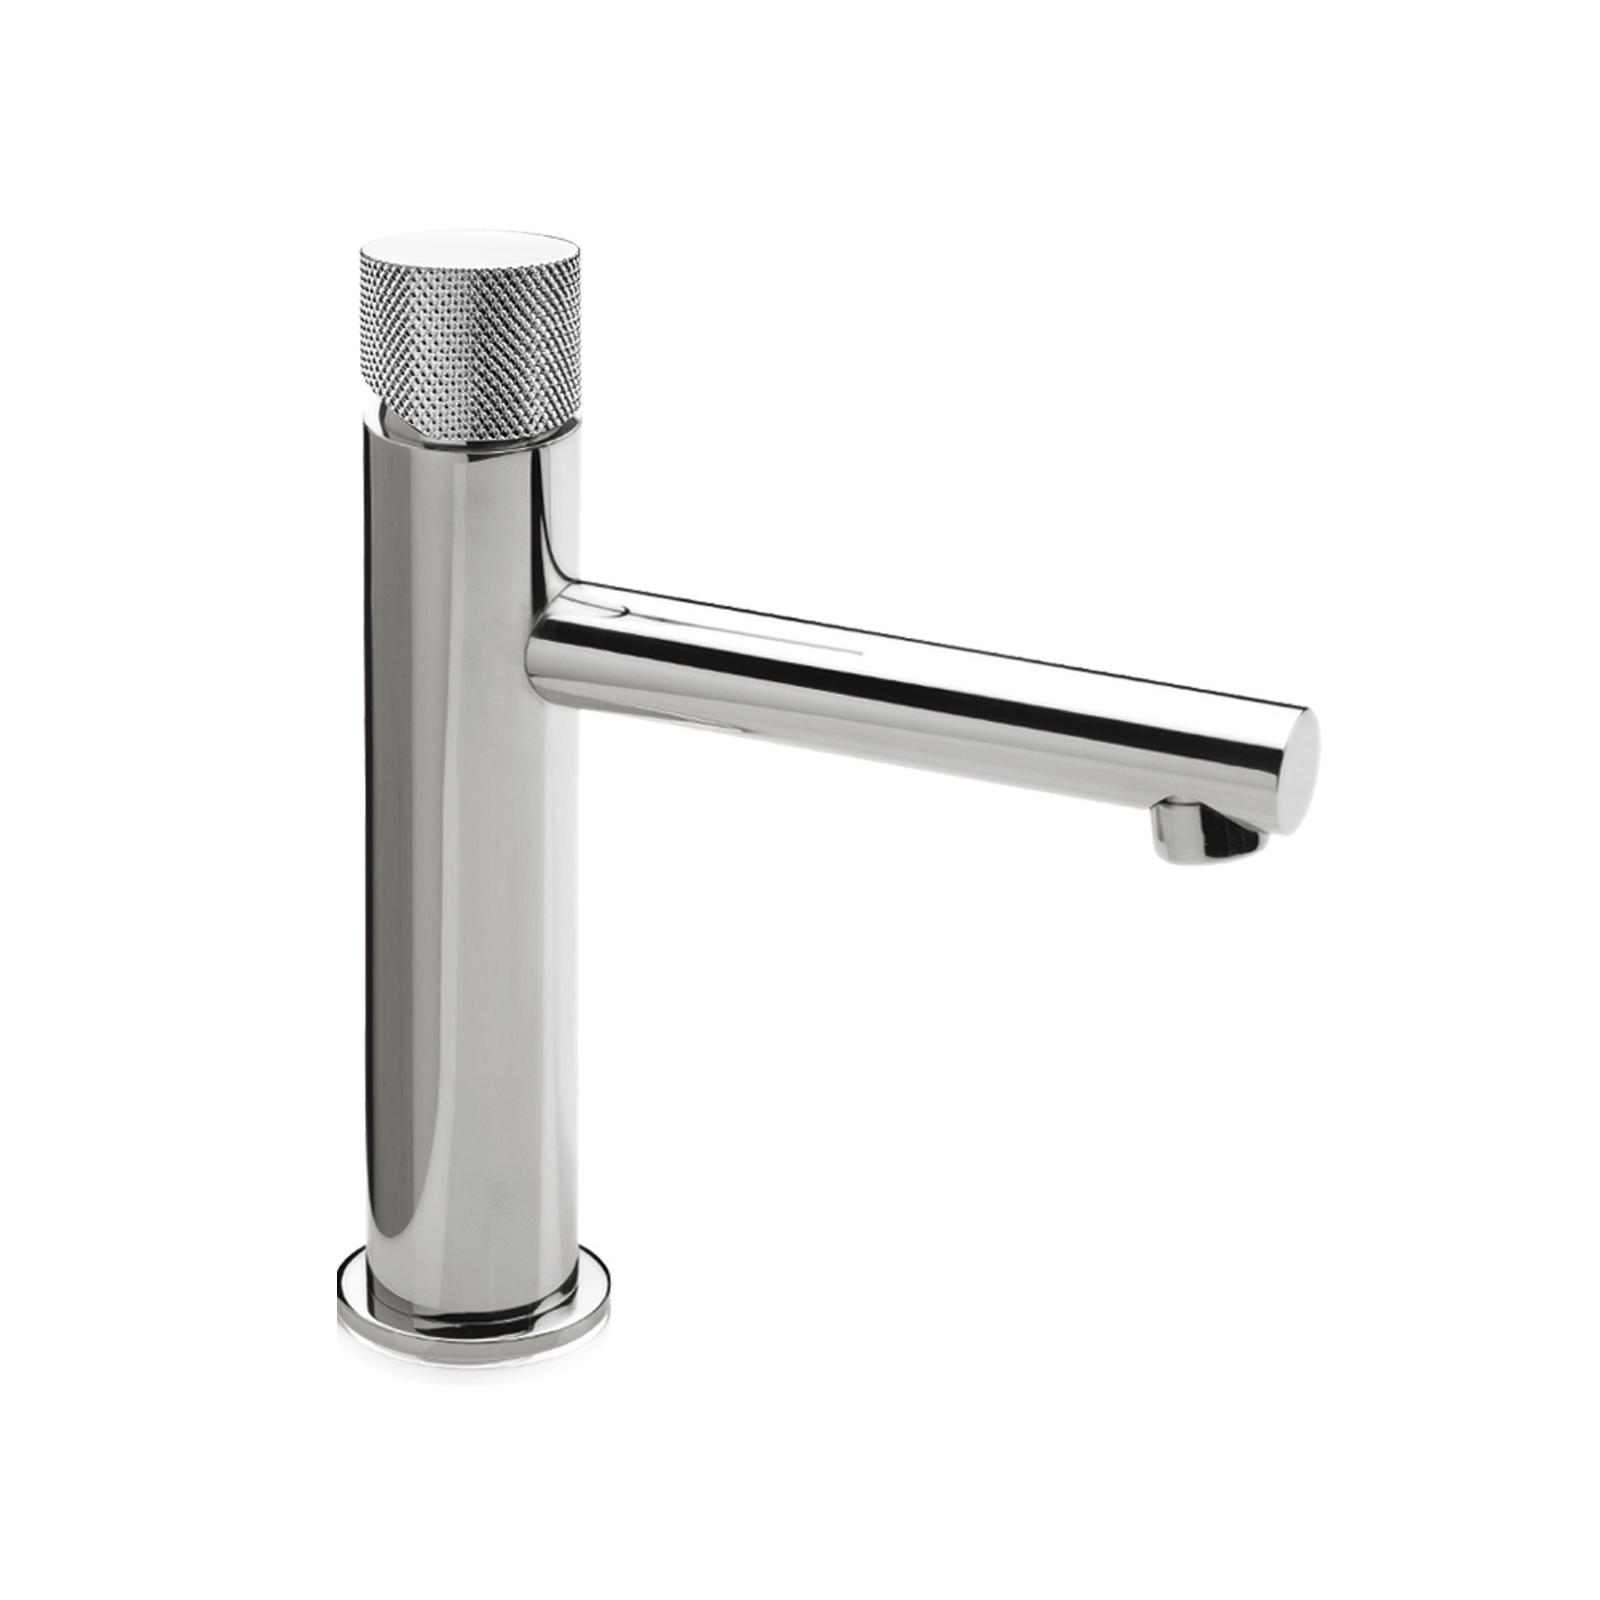 Miscelatore monocomando lavabo alto e scarico CLICK-CLACK